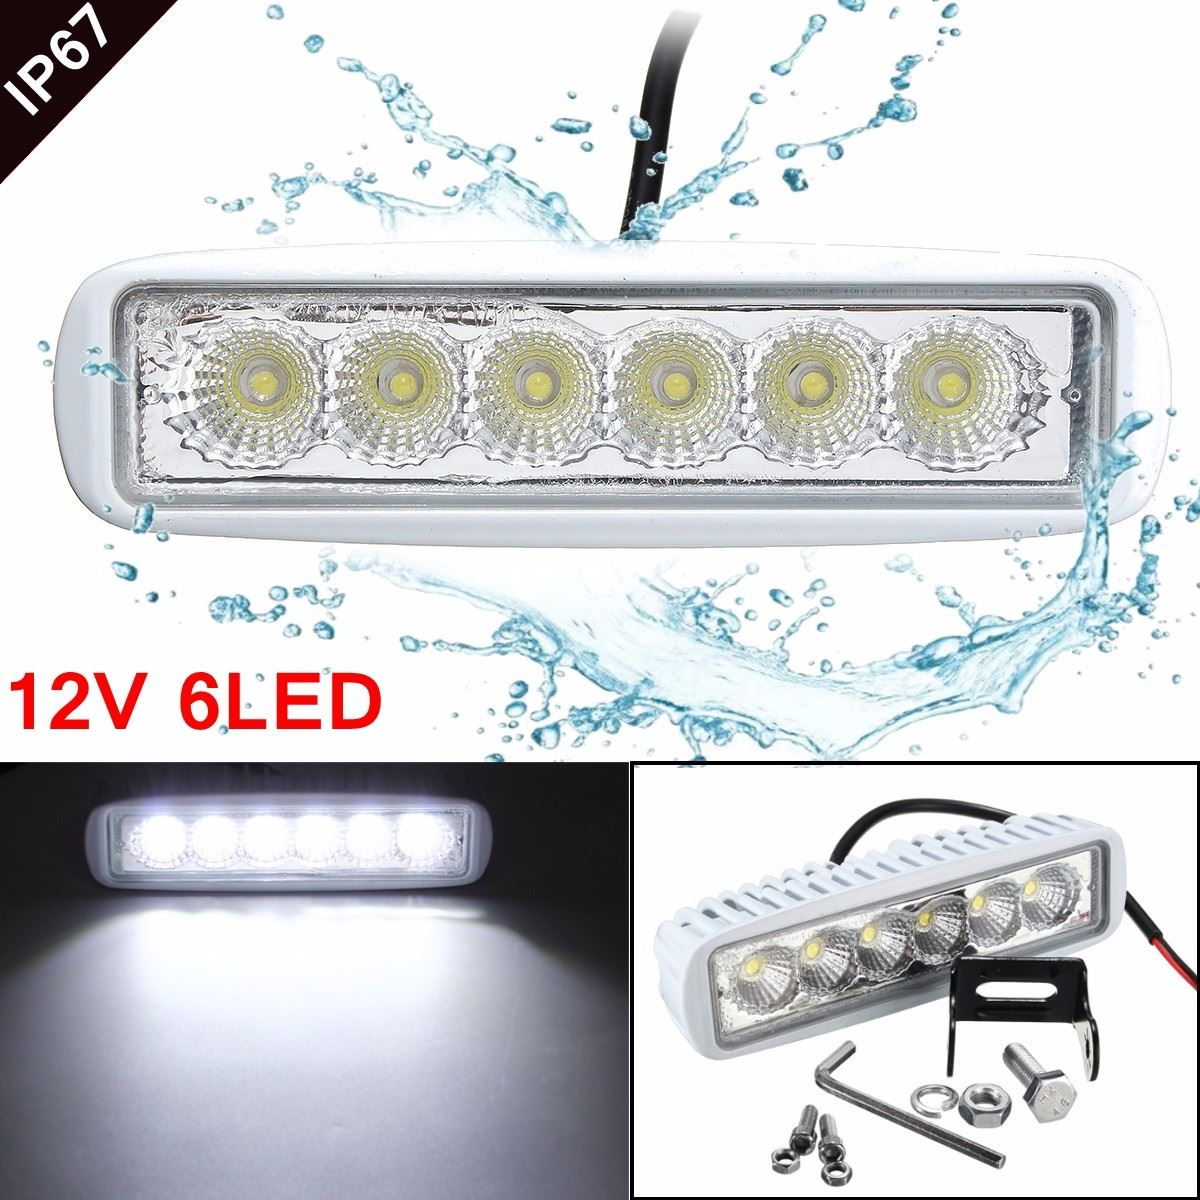 Universal 12V 6 LED Car Light Bar as Worklight/ Flood Light/ Spot For Boating/ Hunting/ Fishing/ RV/Truck